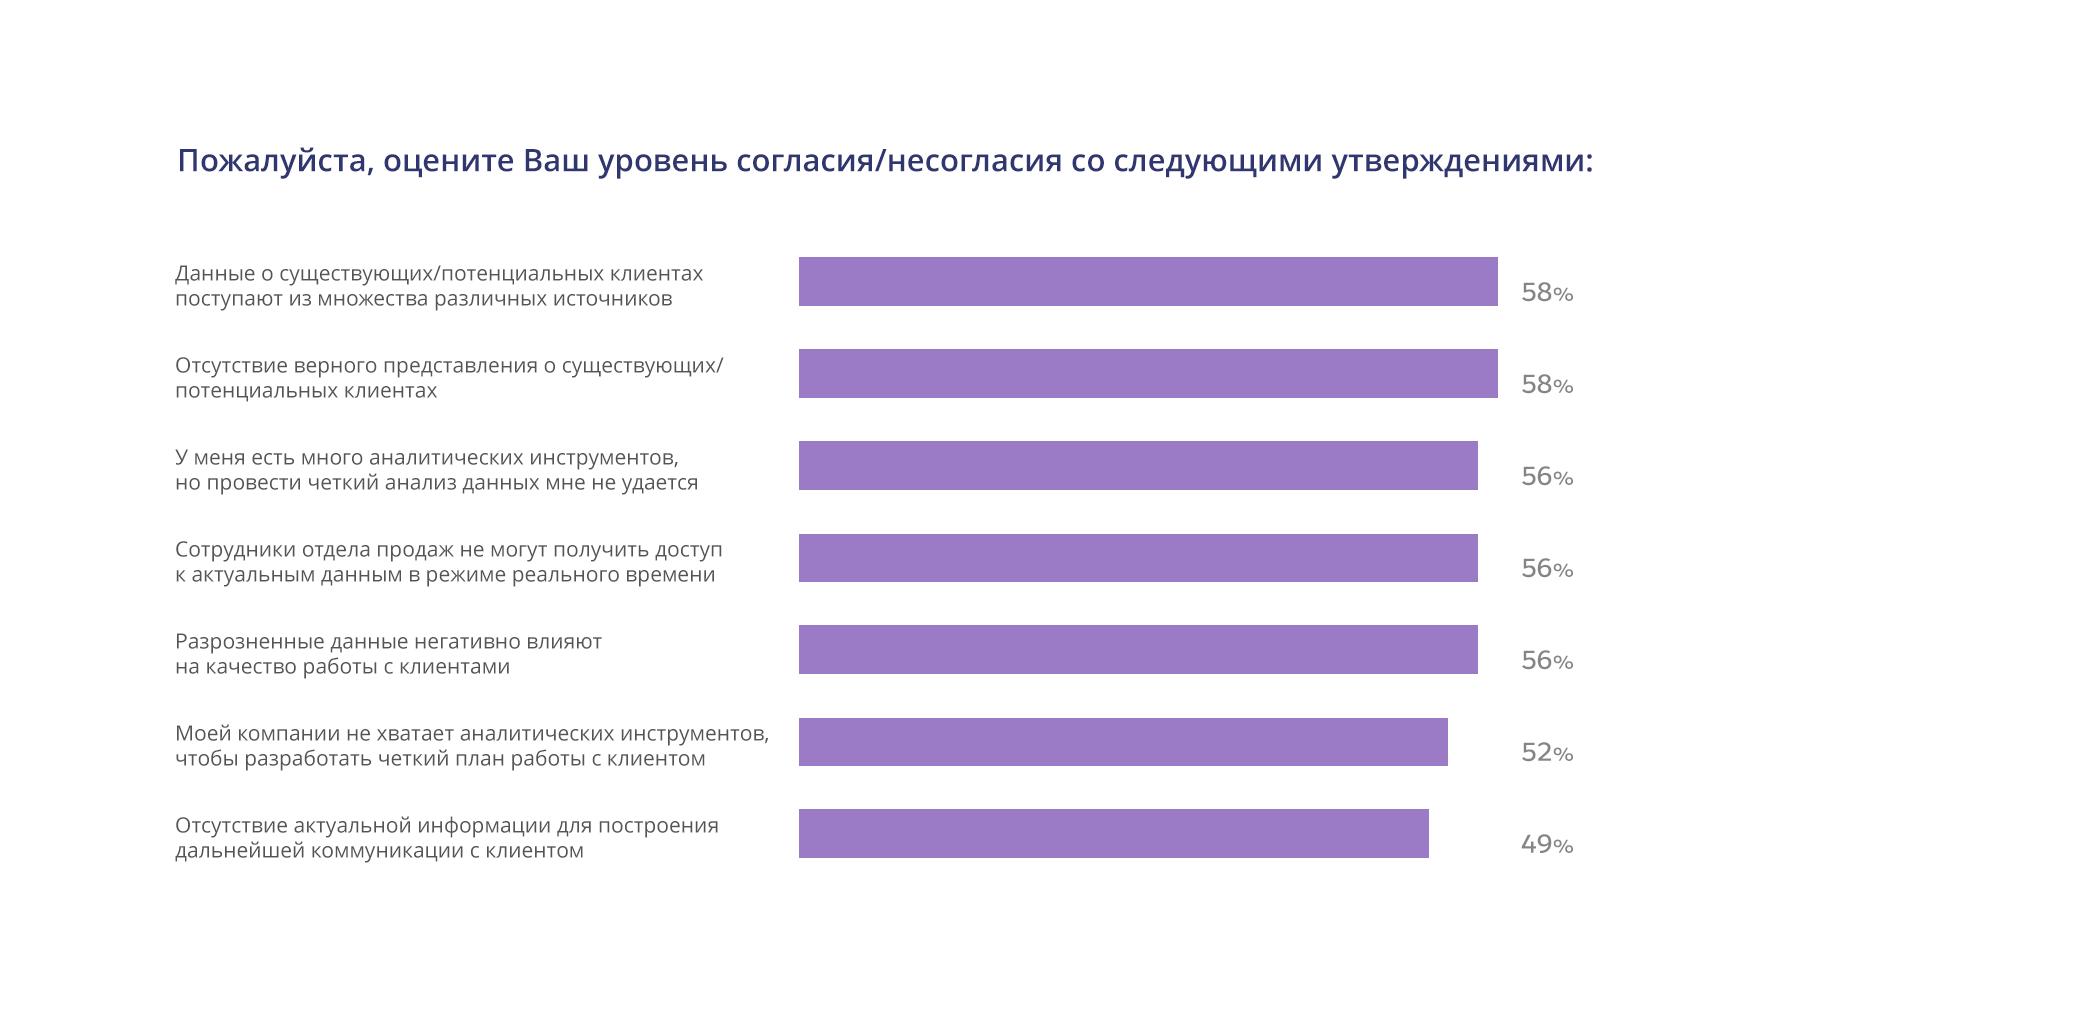 Проблемы разрозненности хранения данных в рамках одной компании: как CRM разрушает информационные «бункеры»?